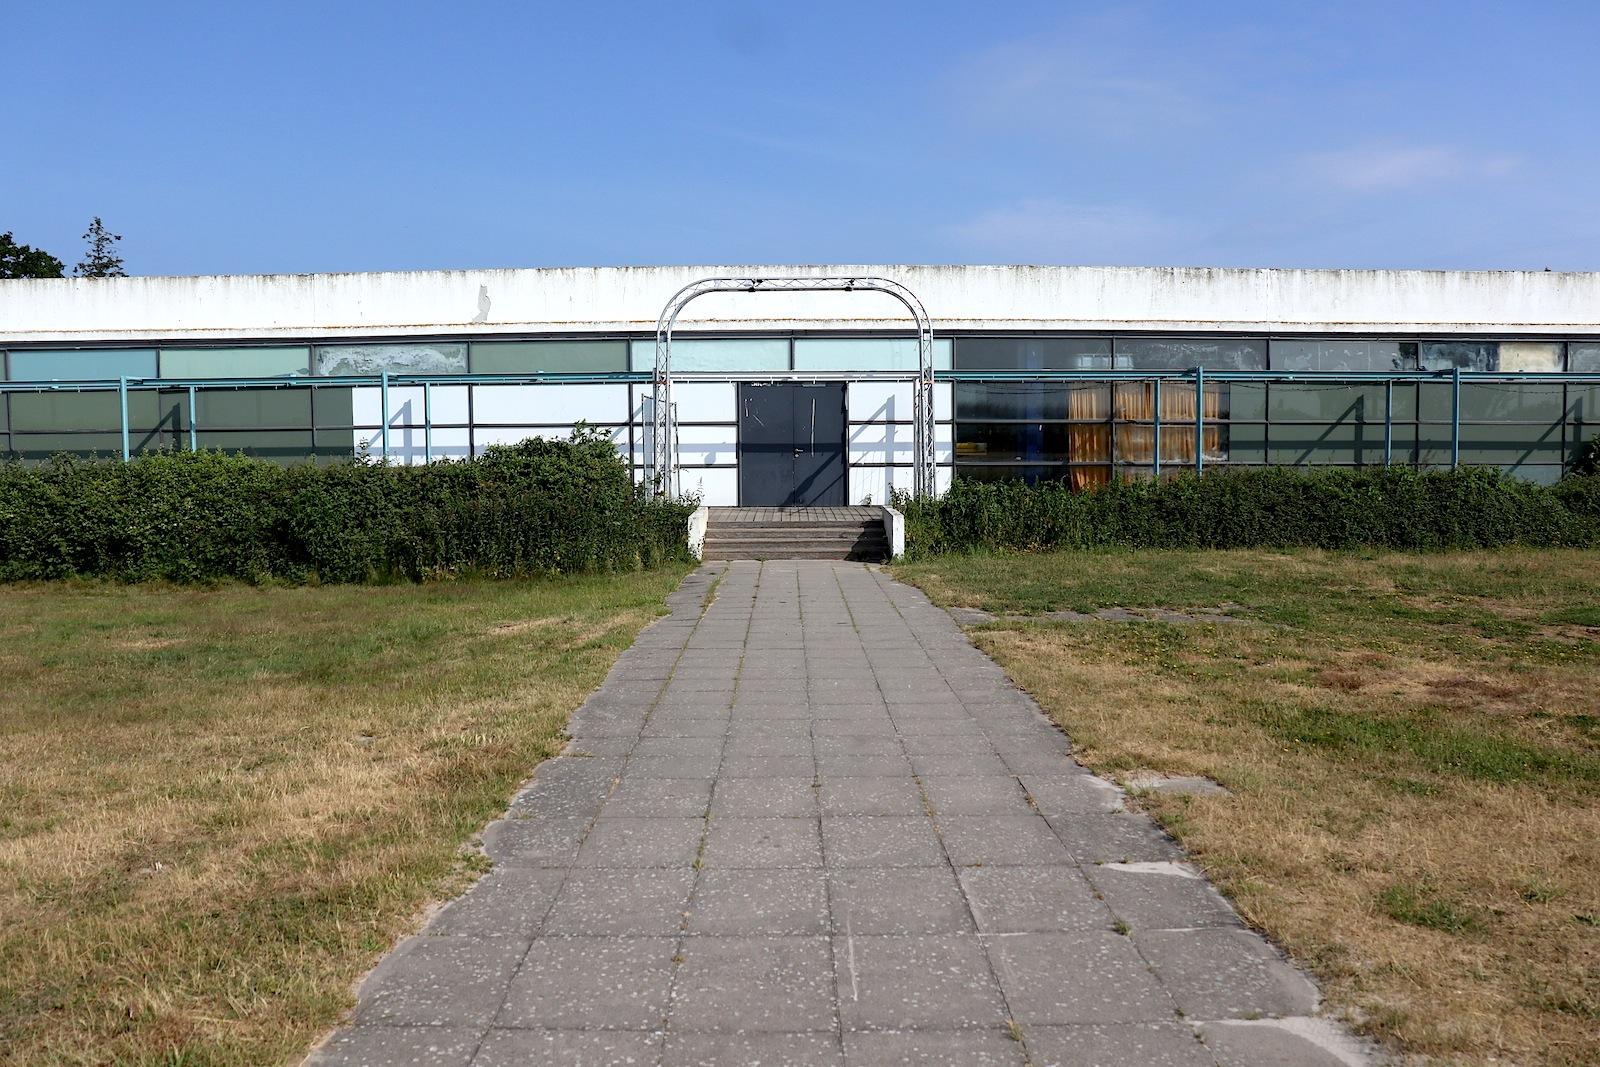 Haus des Gastes. Heute ist der eingeschossige Stahlskelettbau in einem schlechten Zustand und soll nach dem Rückkauf instandgesetzt werden. Vielleicht als Kulturzentrum? Gar als Arne Jacobsen-Museum?